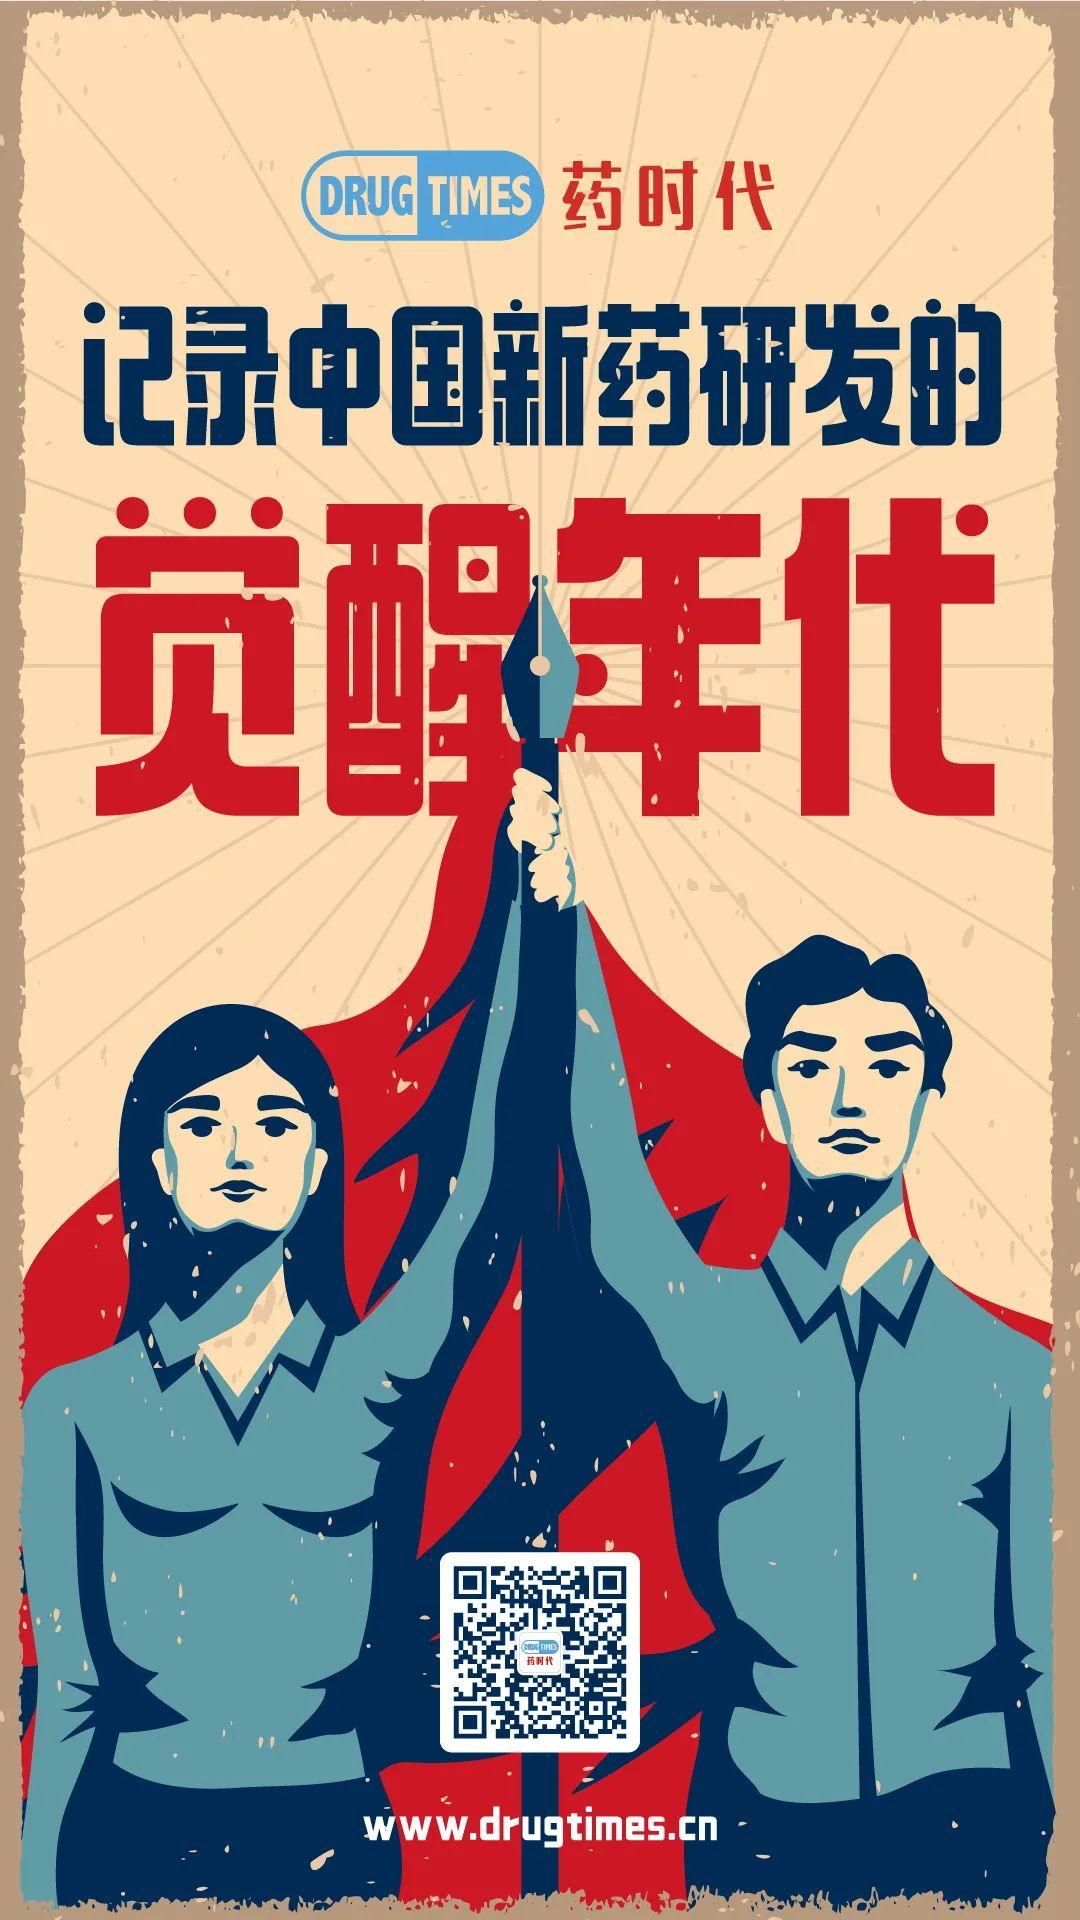 中国新药研发的《觉醒年代》已经到来!